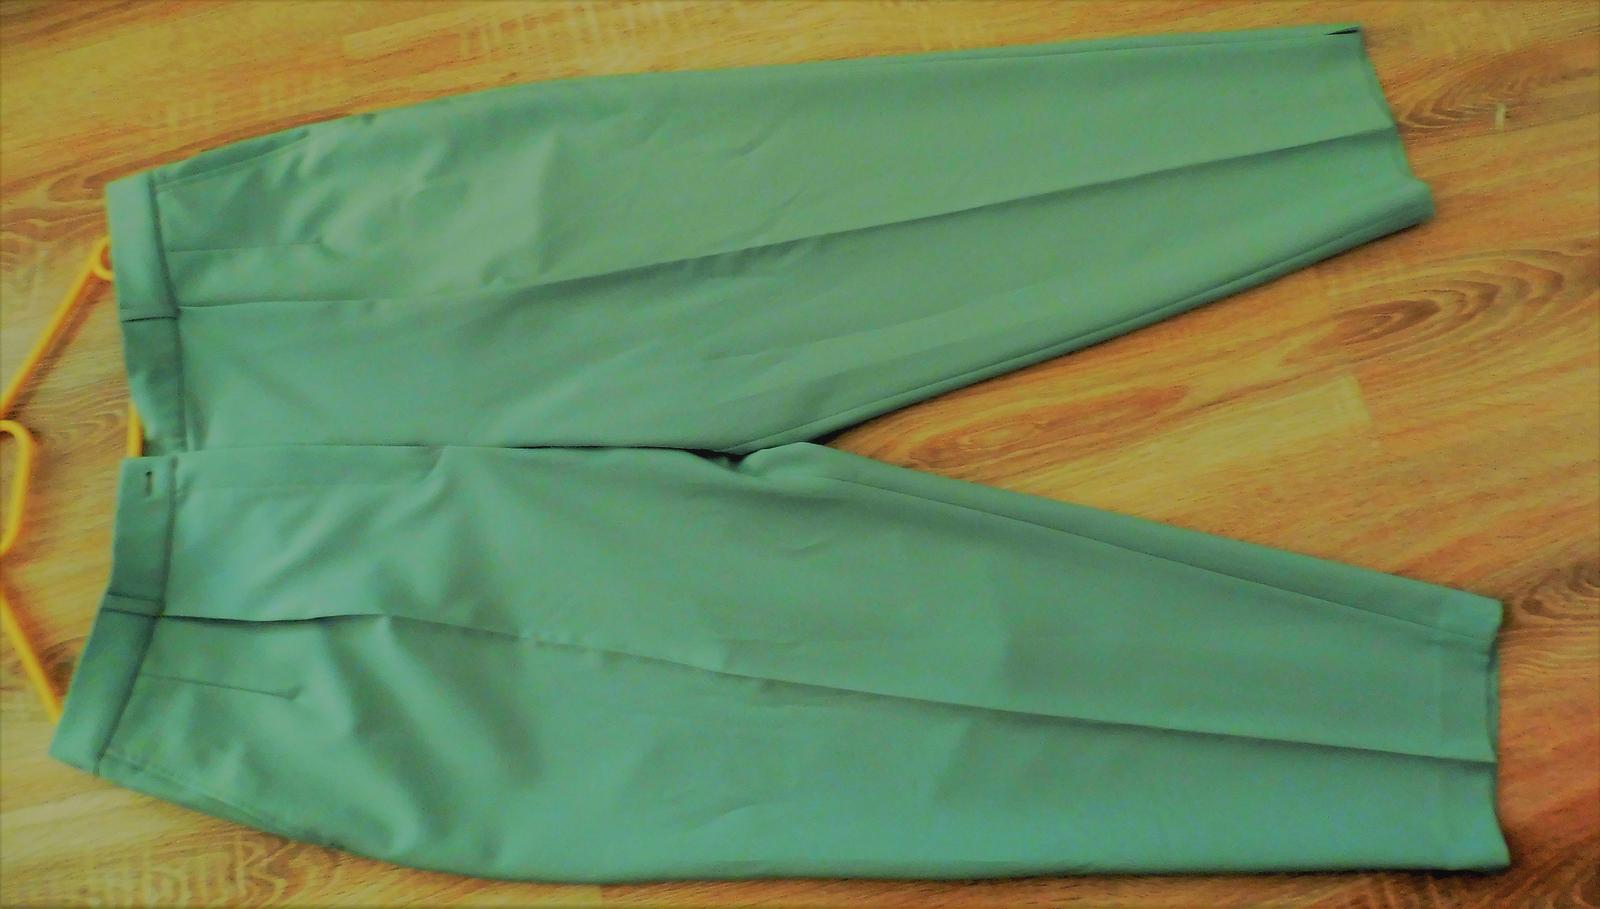 dámský kalhotový kostým - Obrázek č. 3